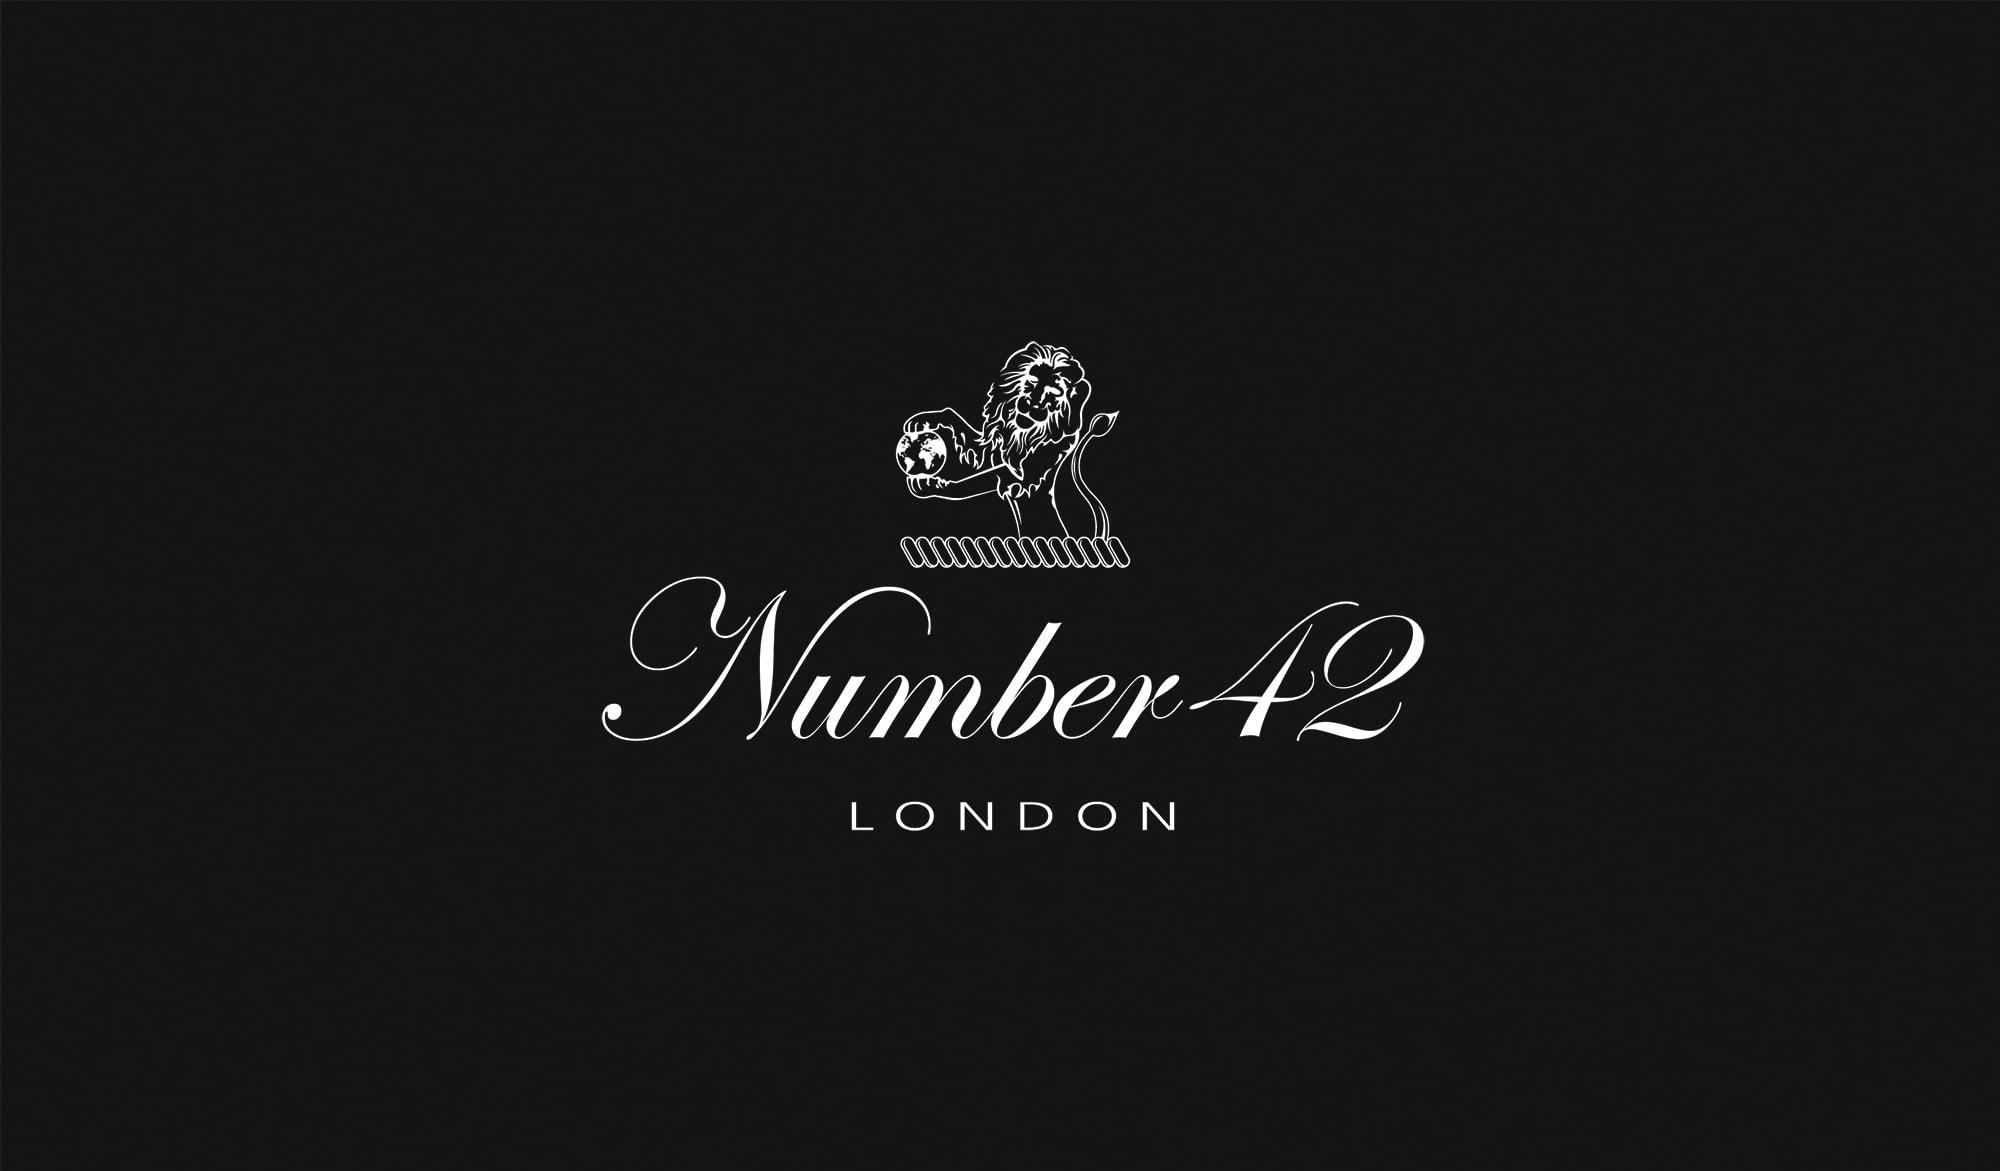 Number 42 logo